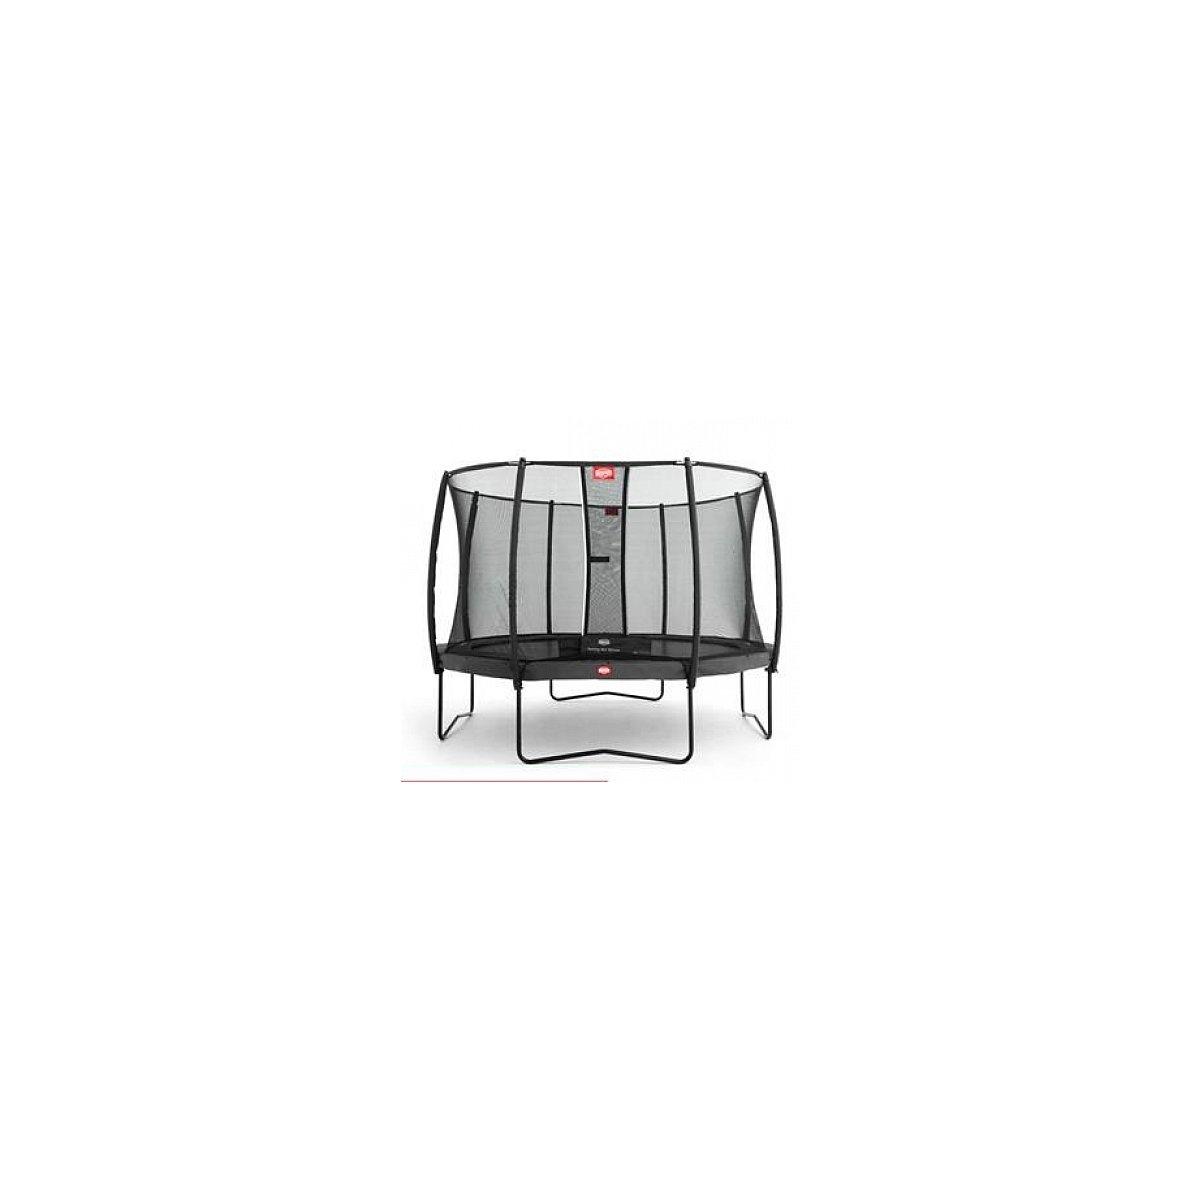 Berg® Trampolin Champion mit Sicherheitsnetz Deluxe, 330 cm, Grau